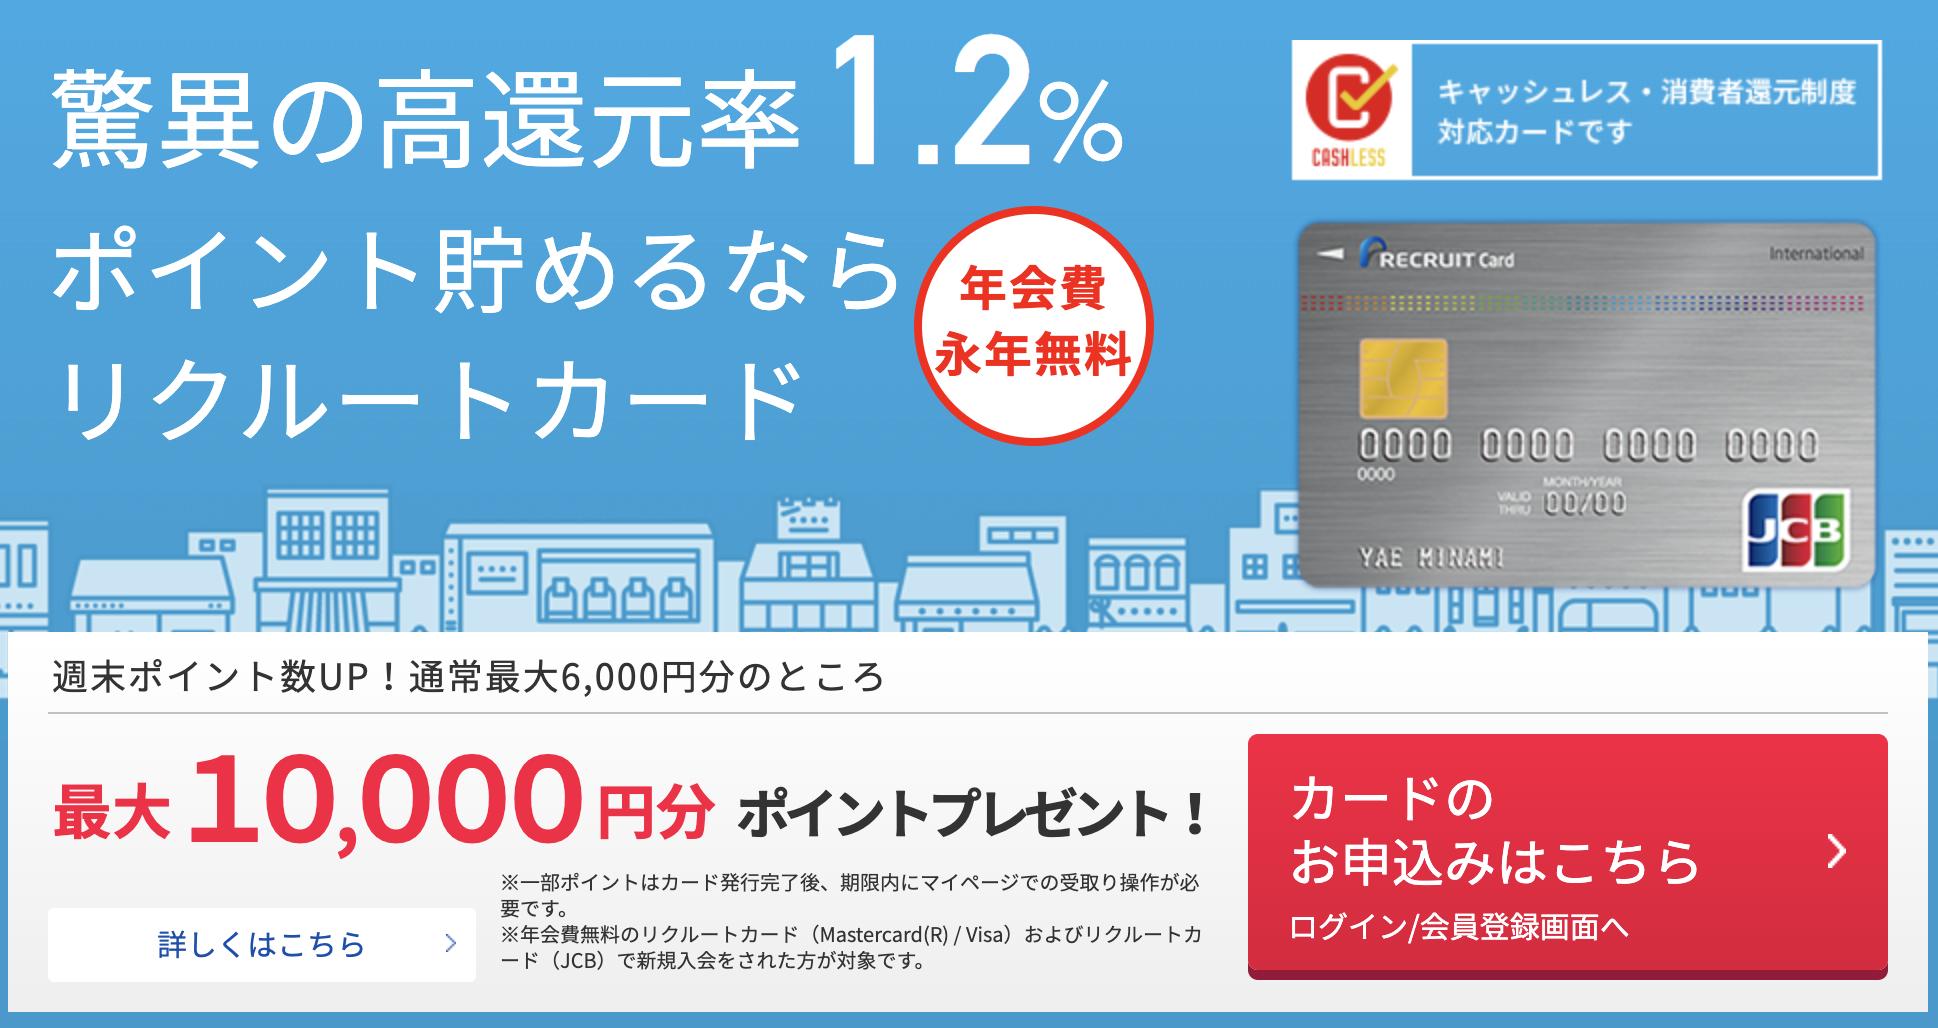 リクルートカードを1年間使った感想!年会費永年無料で驚異のポイント還元率1.2%